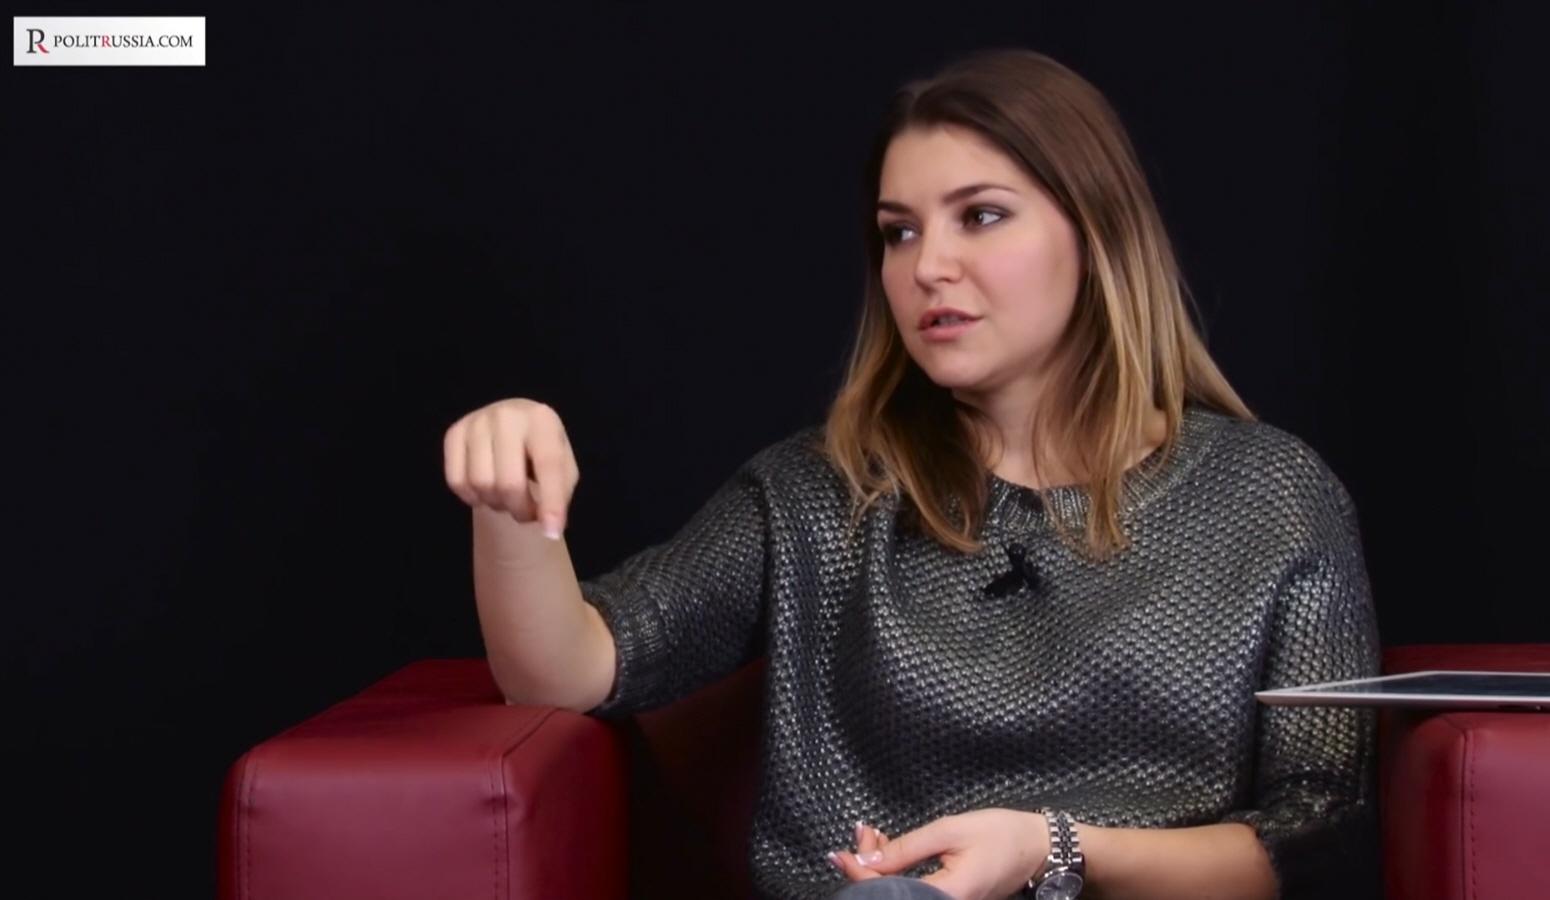 Анастасия Куршева - ведущая на портале Politrussia